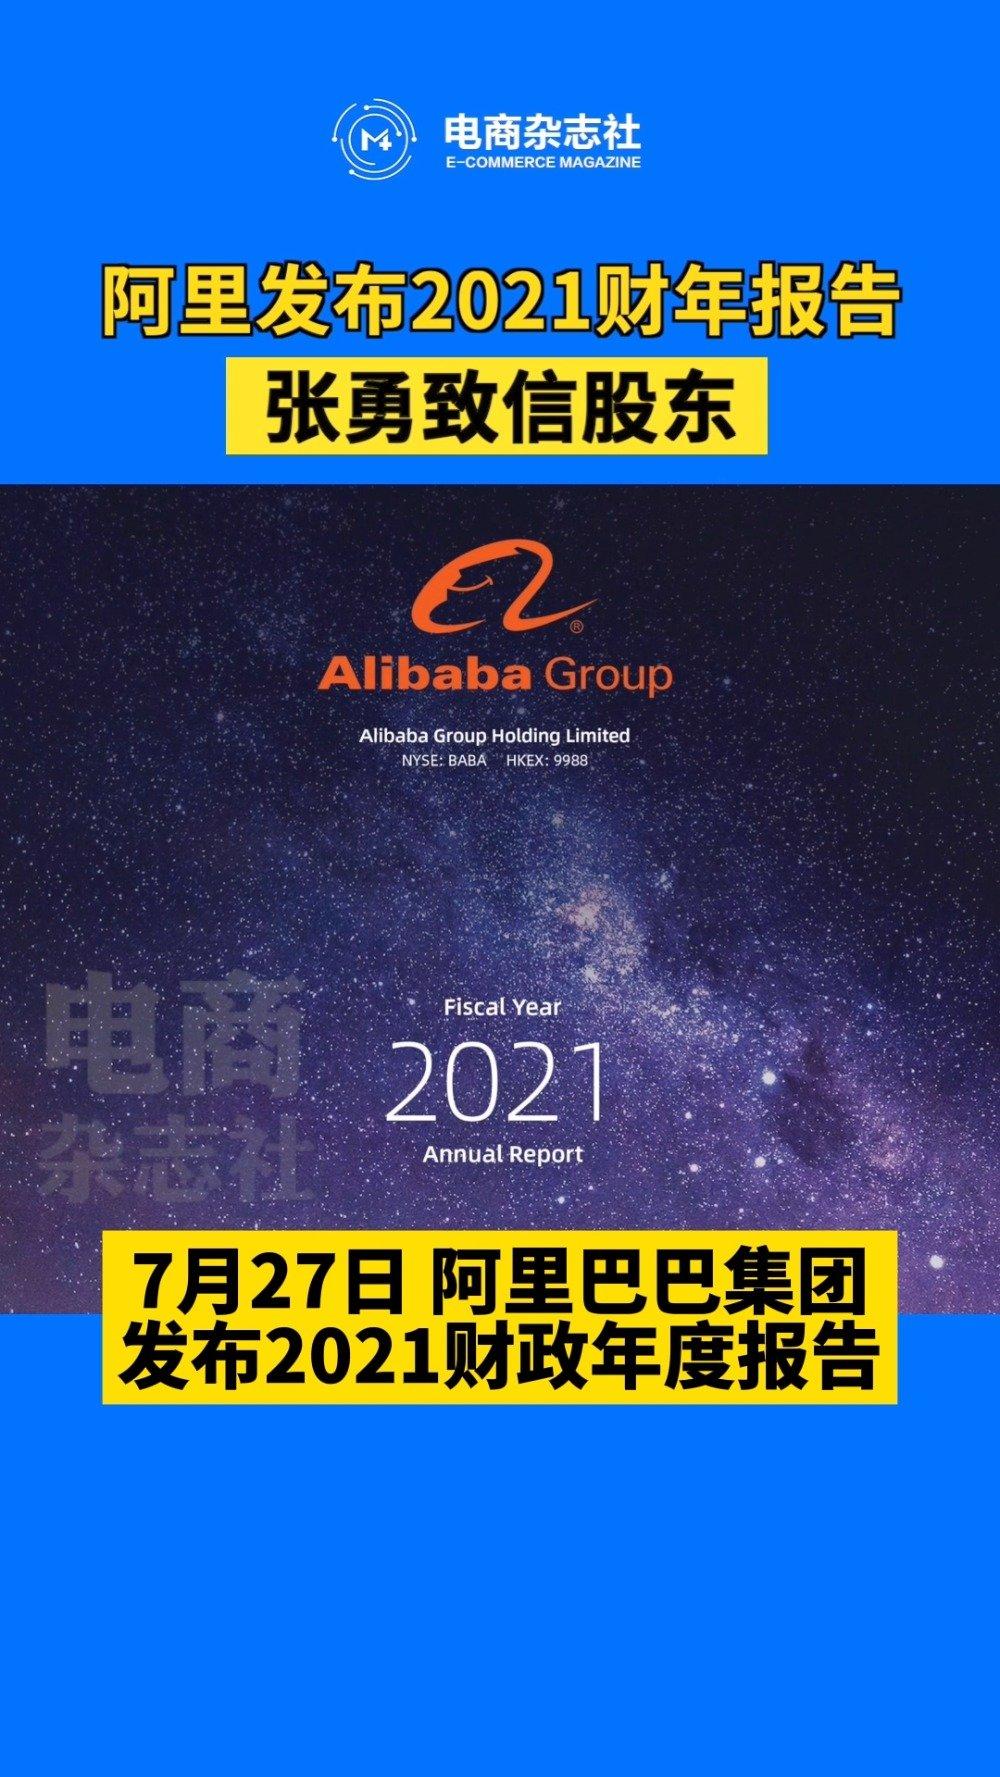 阿里巴巴发布2021财年年报 全球年度活跃消费者达11.3亿